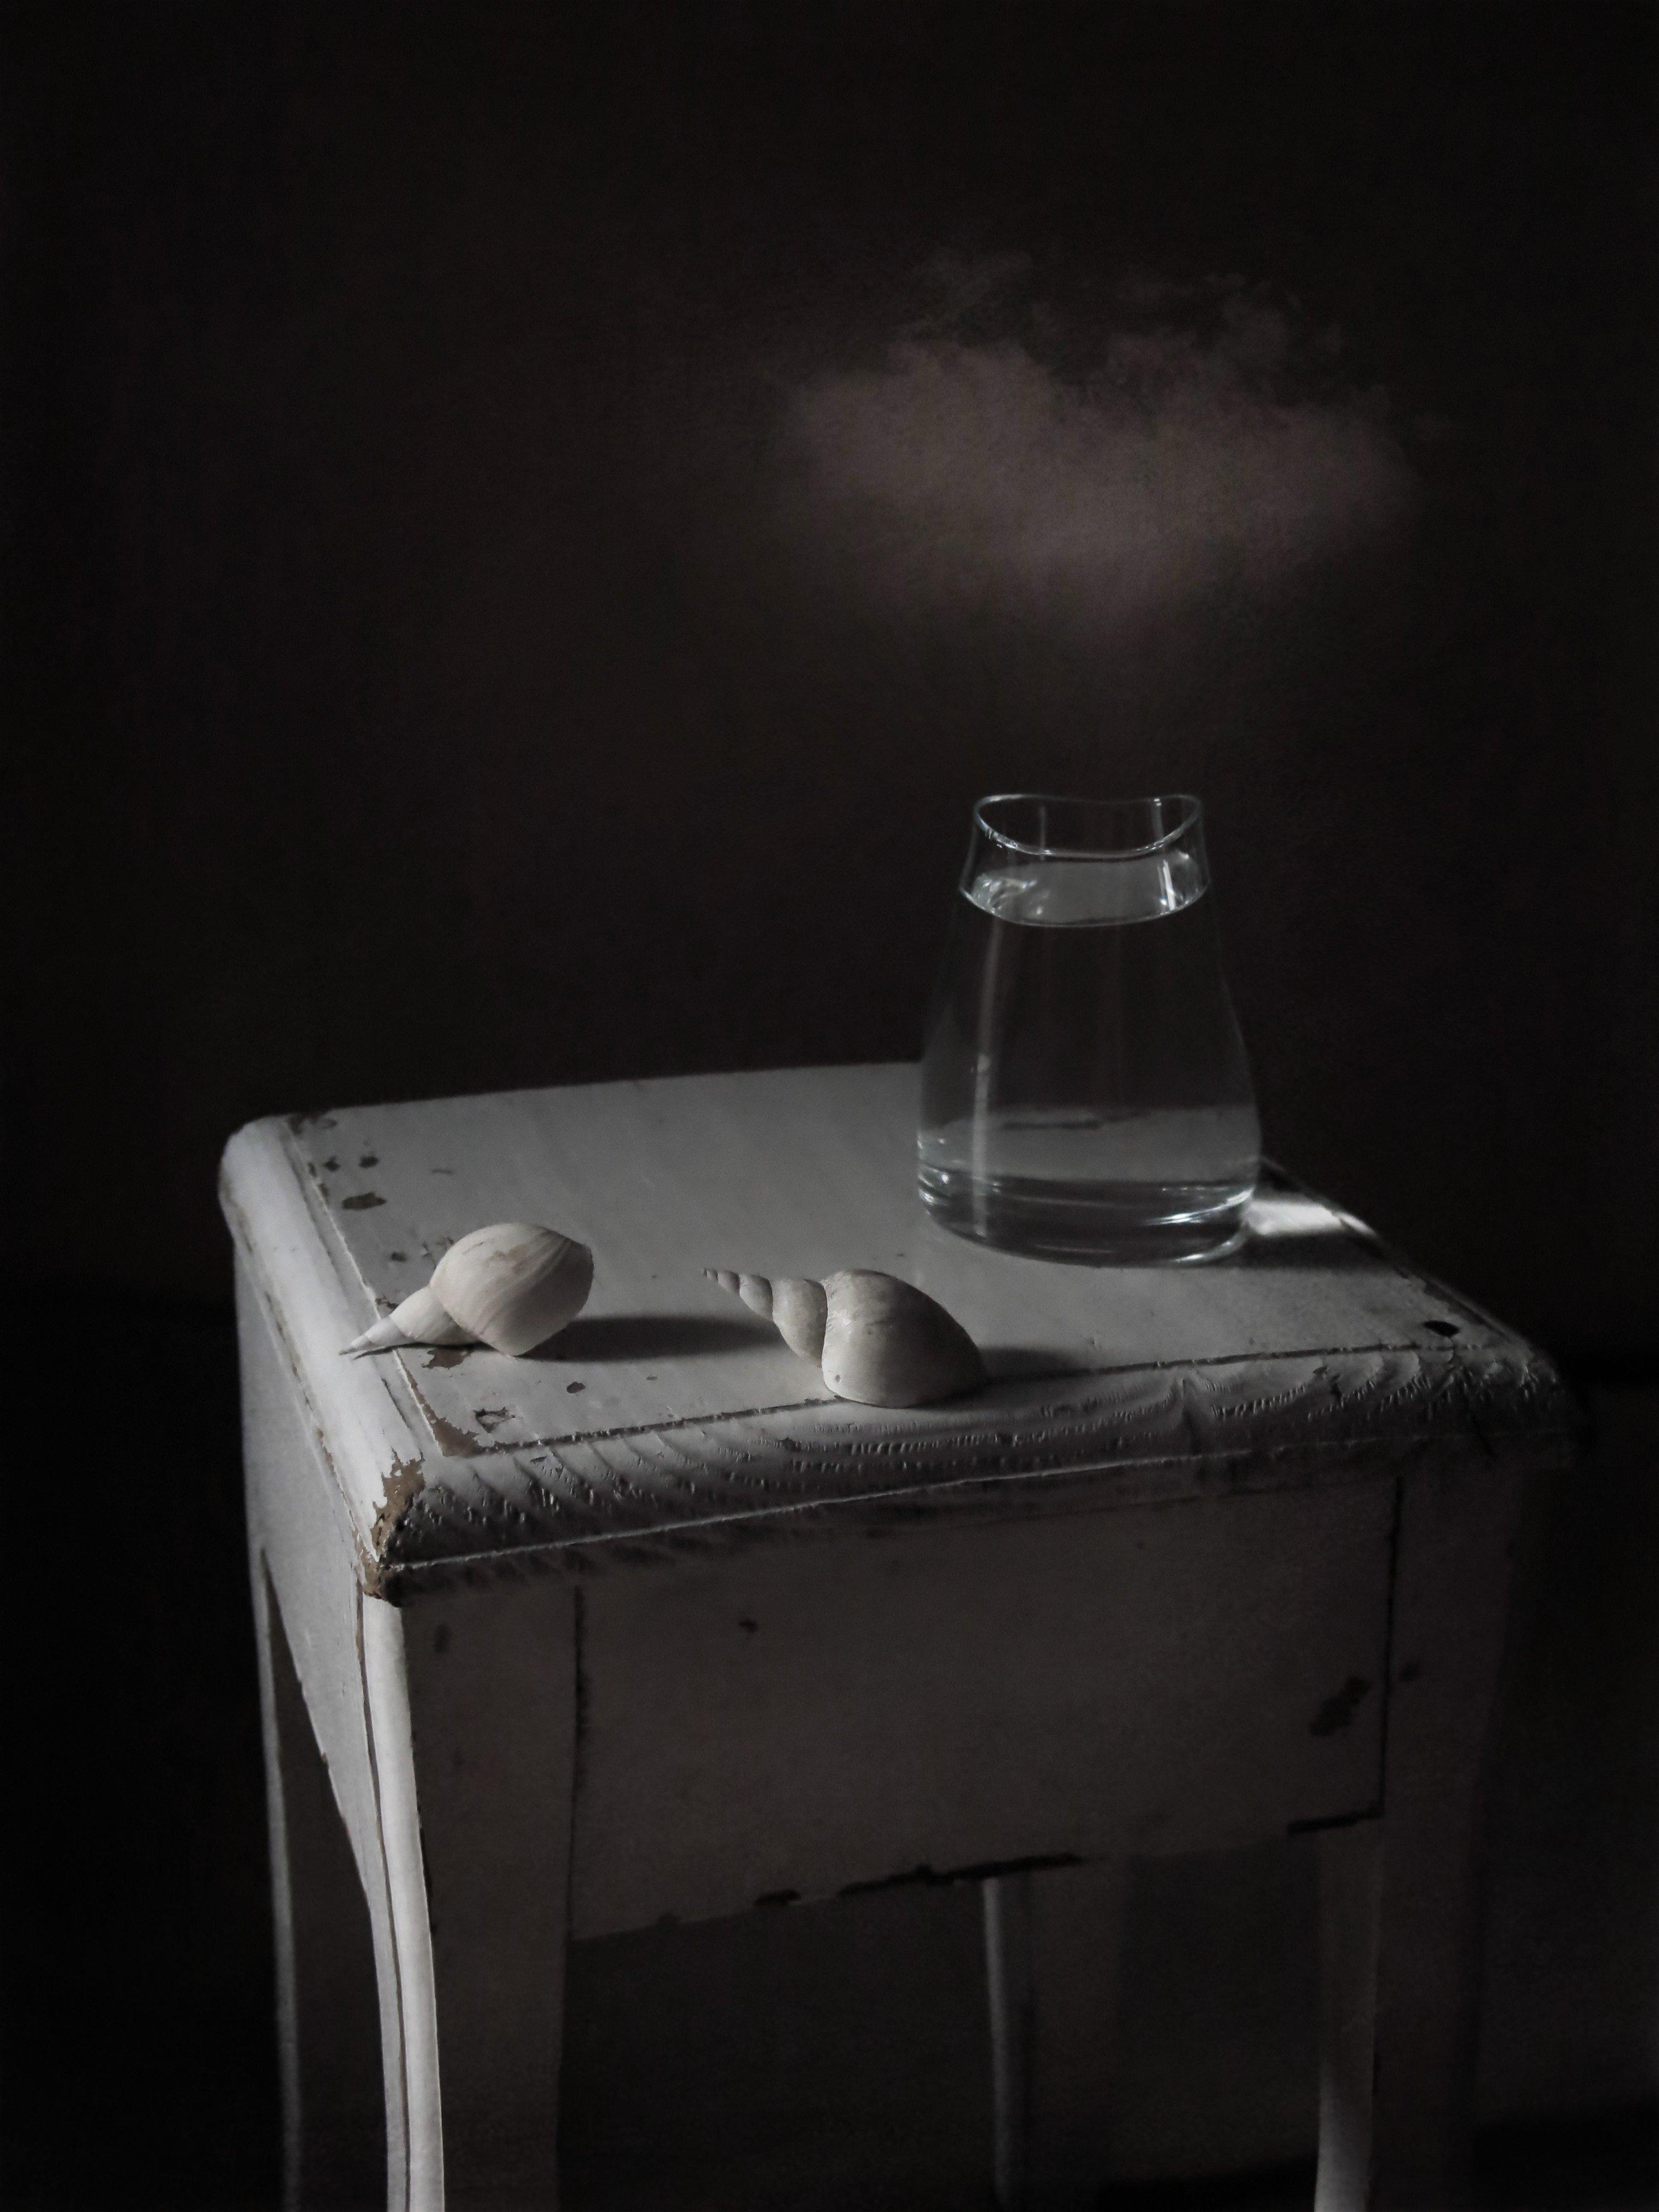 ракушки, вода, натюрморт, Елена Лысенко